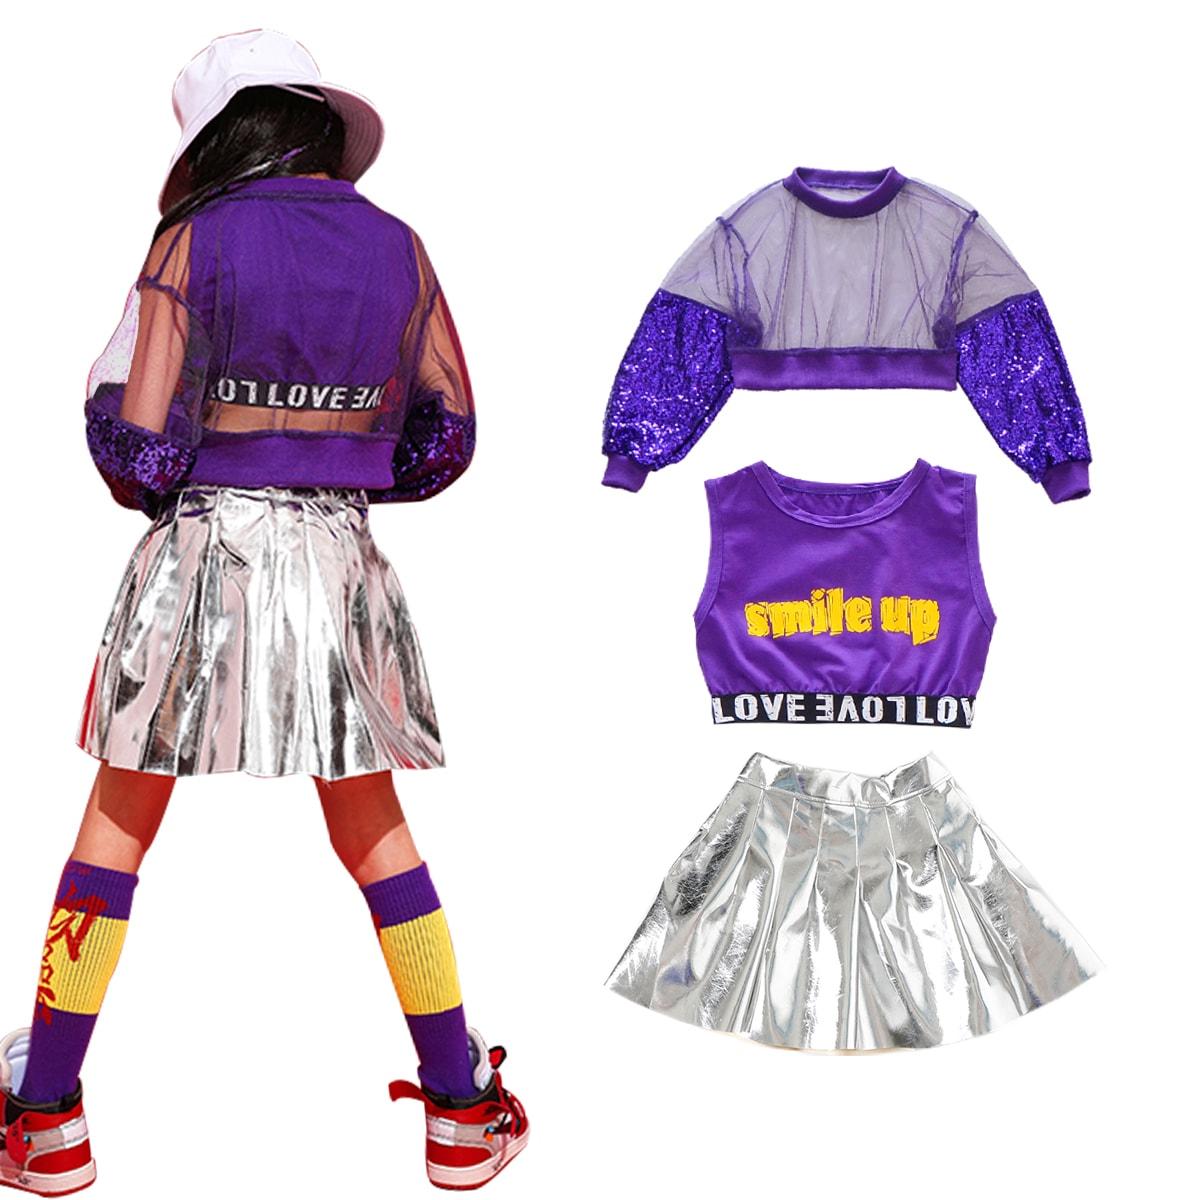 スパンコール セットアップ パープル 紫 ヒップホップ キッズダンス衣装 セット内容